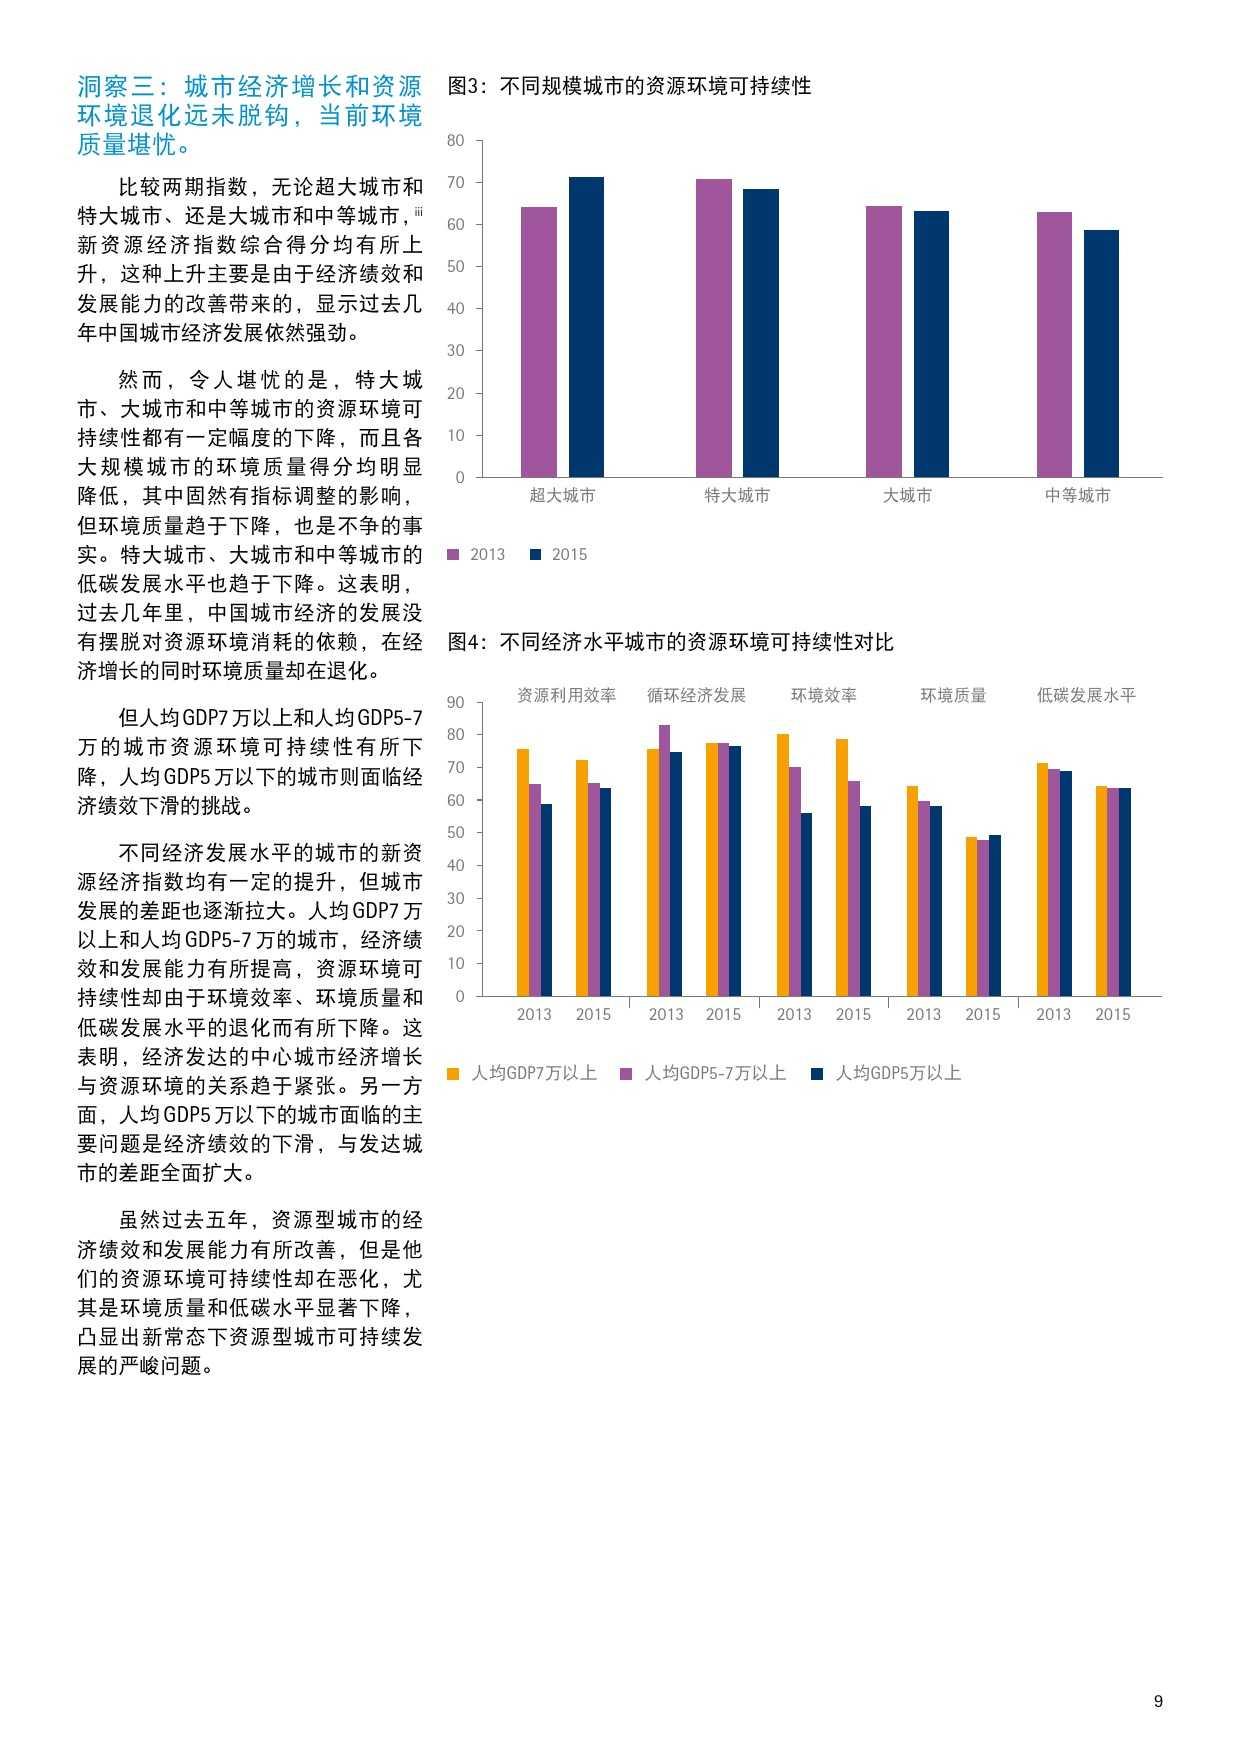 埃森哲&中科院:2015年新资源经济城市指数_000009